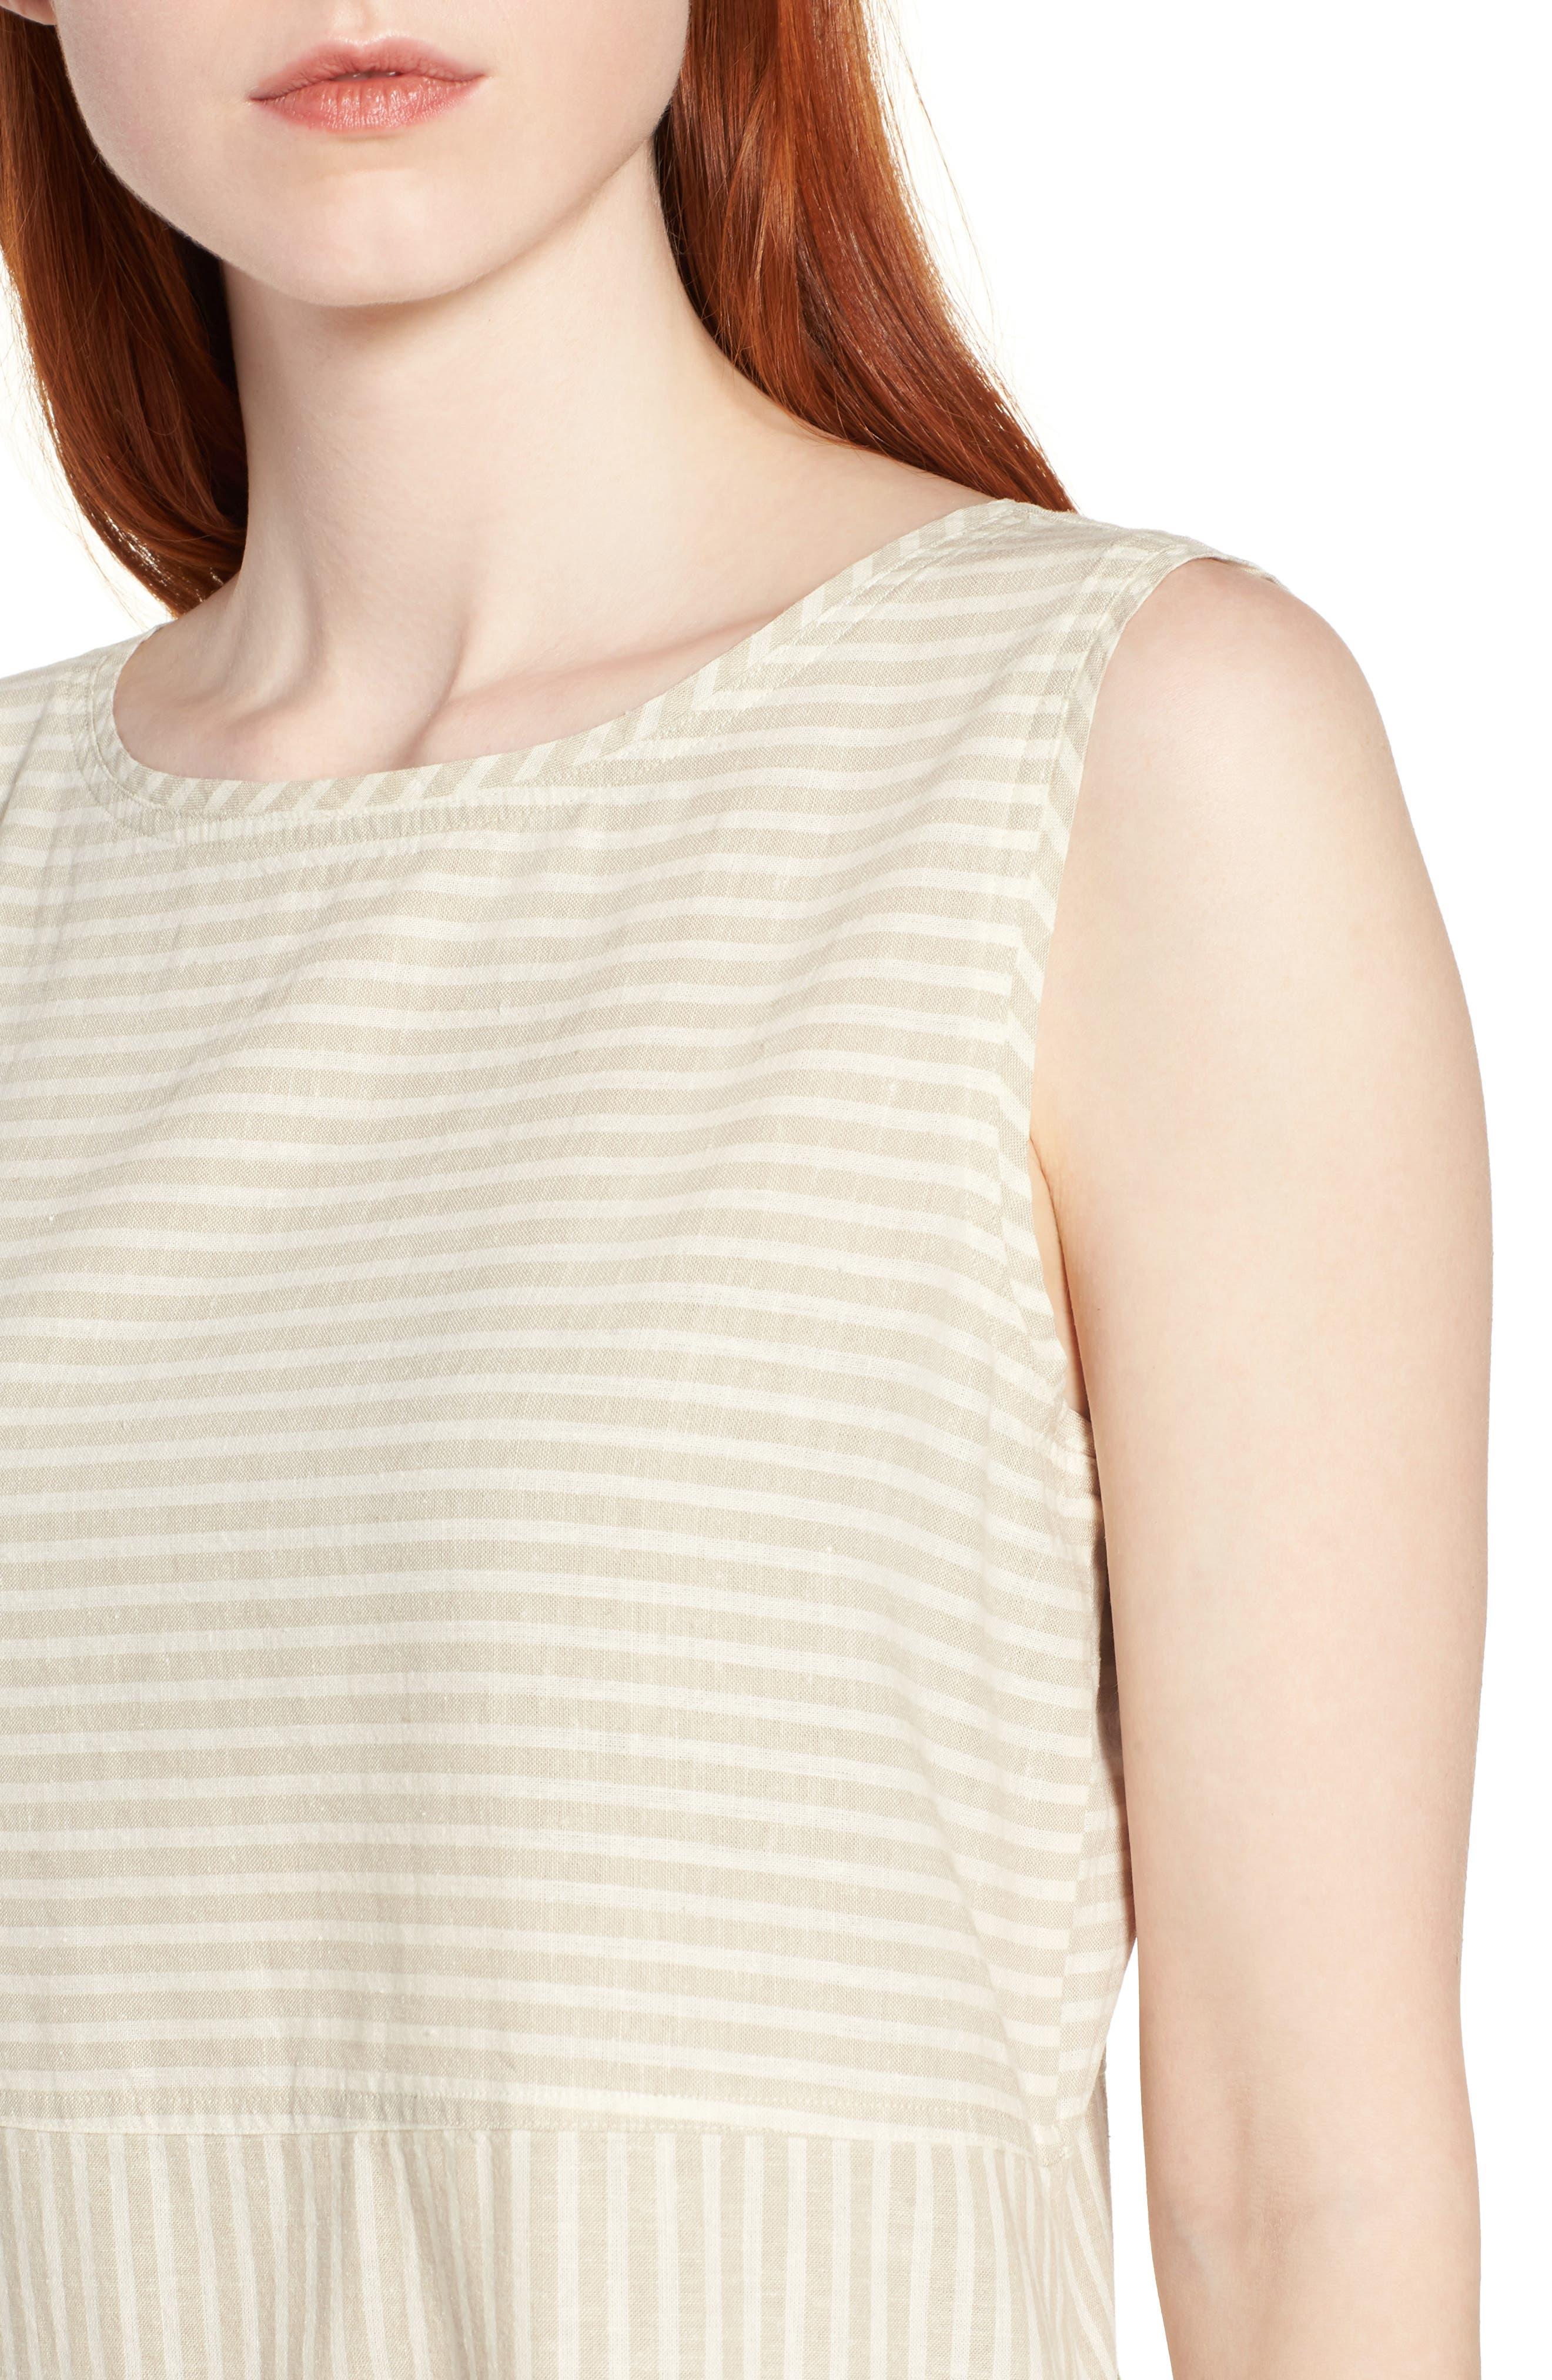 Varied Stripe Hemp & Organic Cotton Shift Dress,                             Alternate thumbnail 4, color,                             257